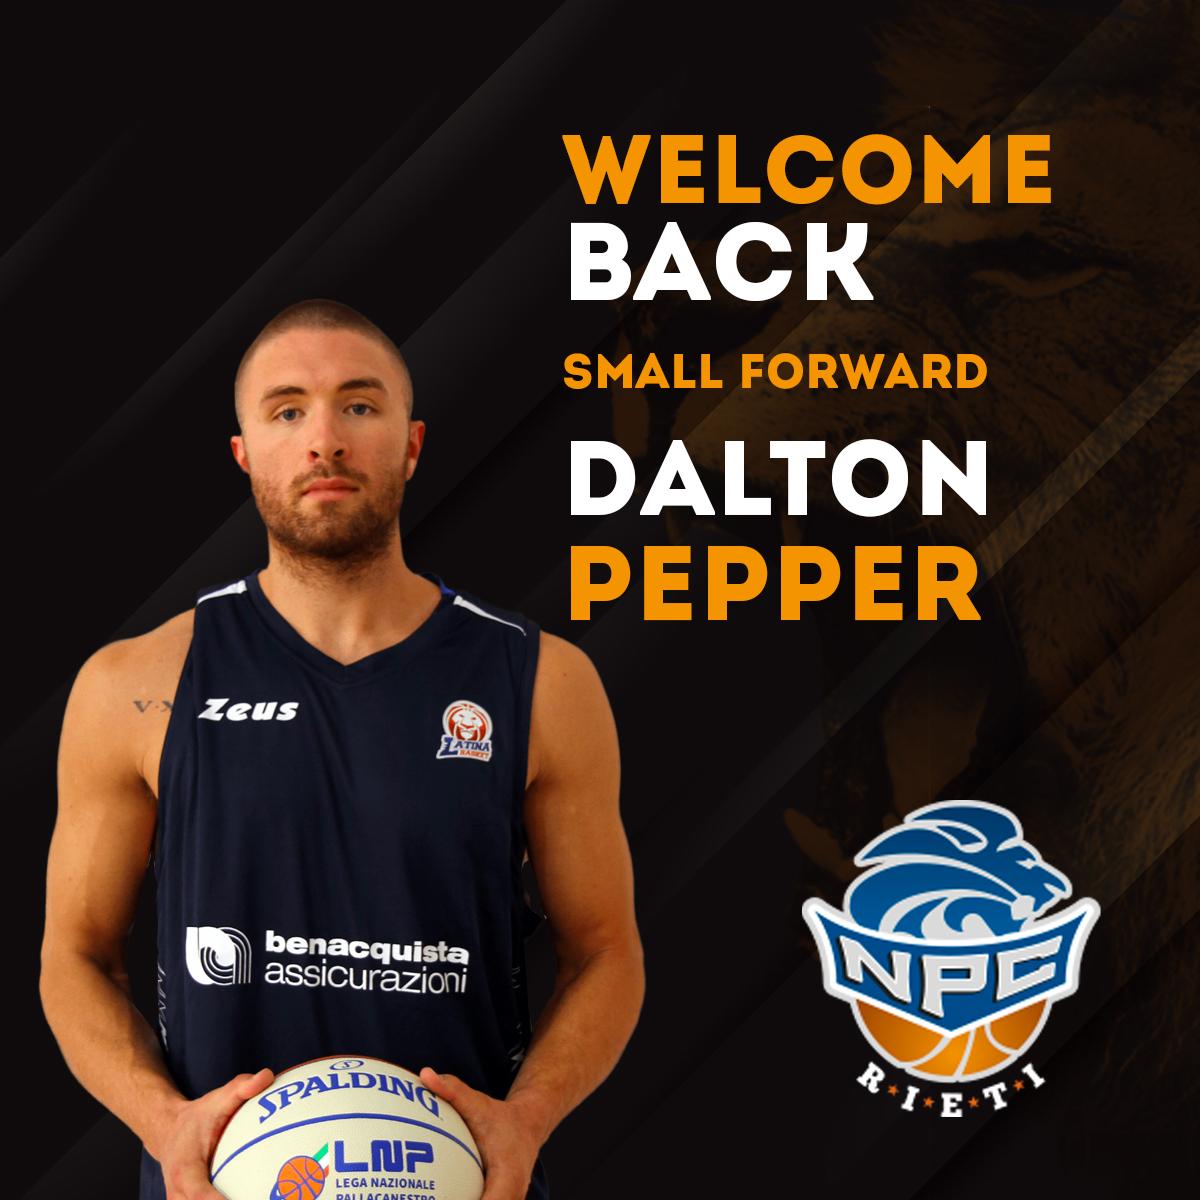 NPC Rieti, ufficiale il ritorno di Dalton Pepper